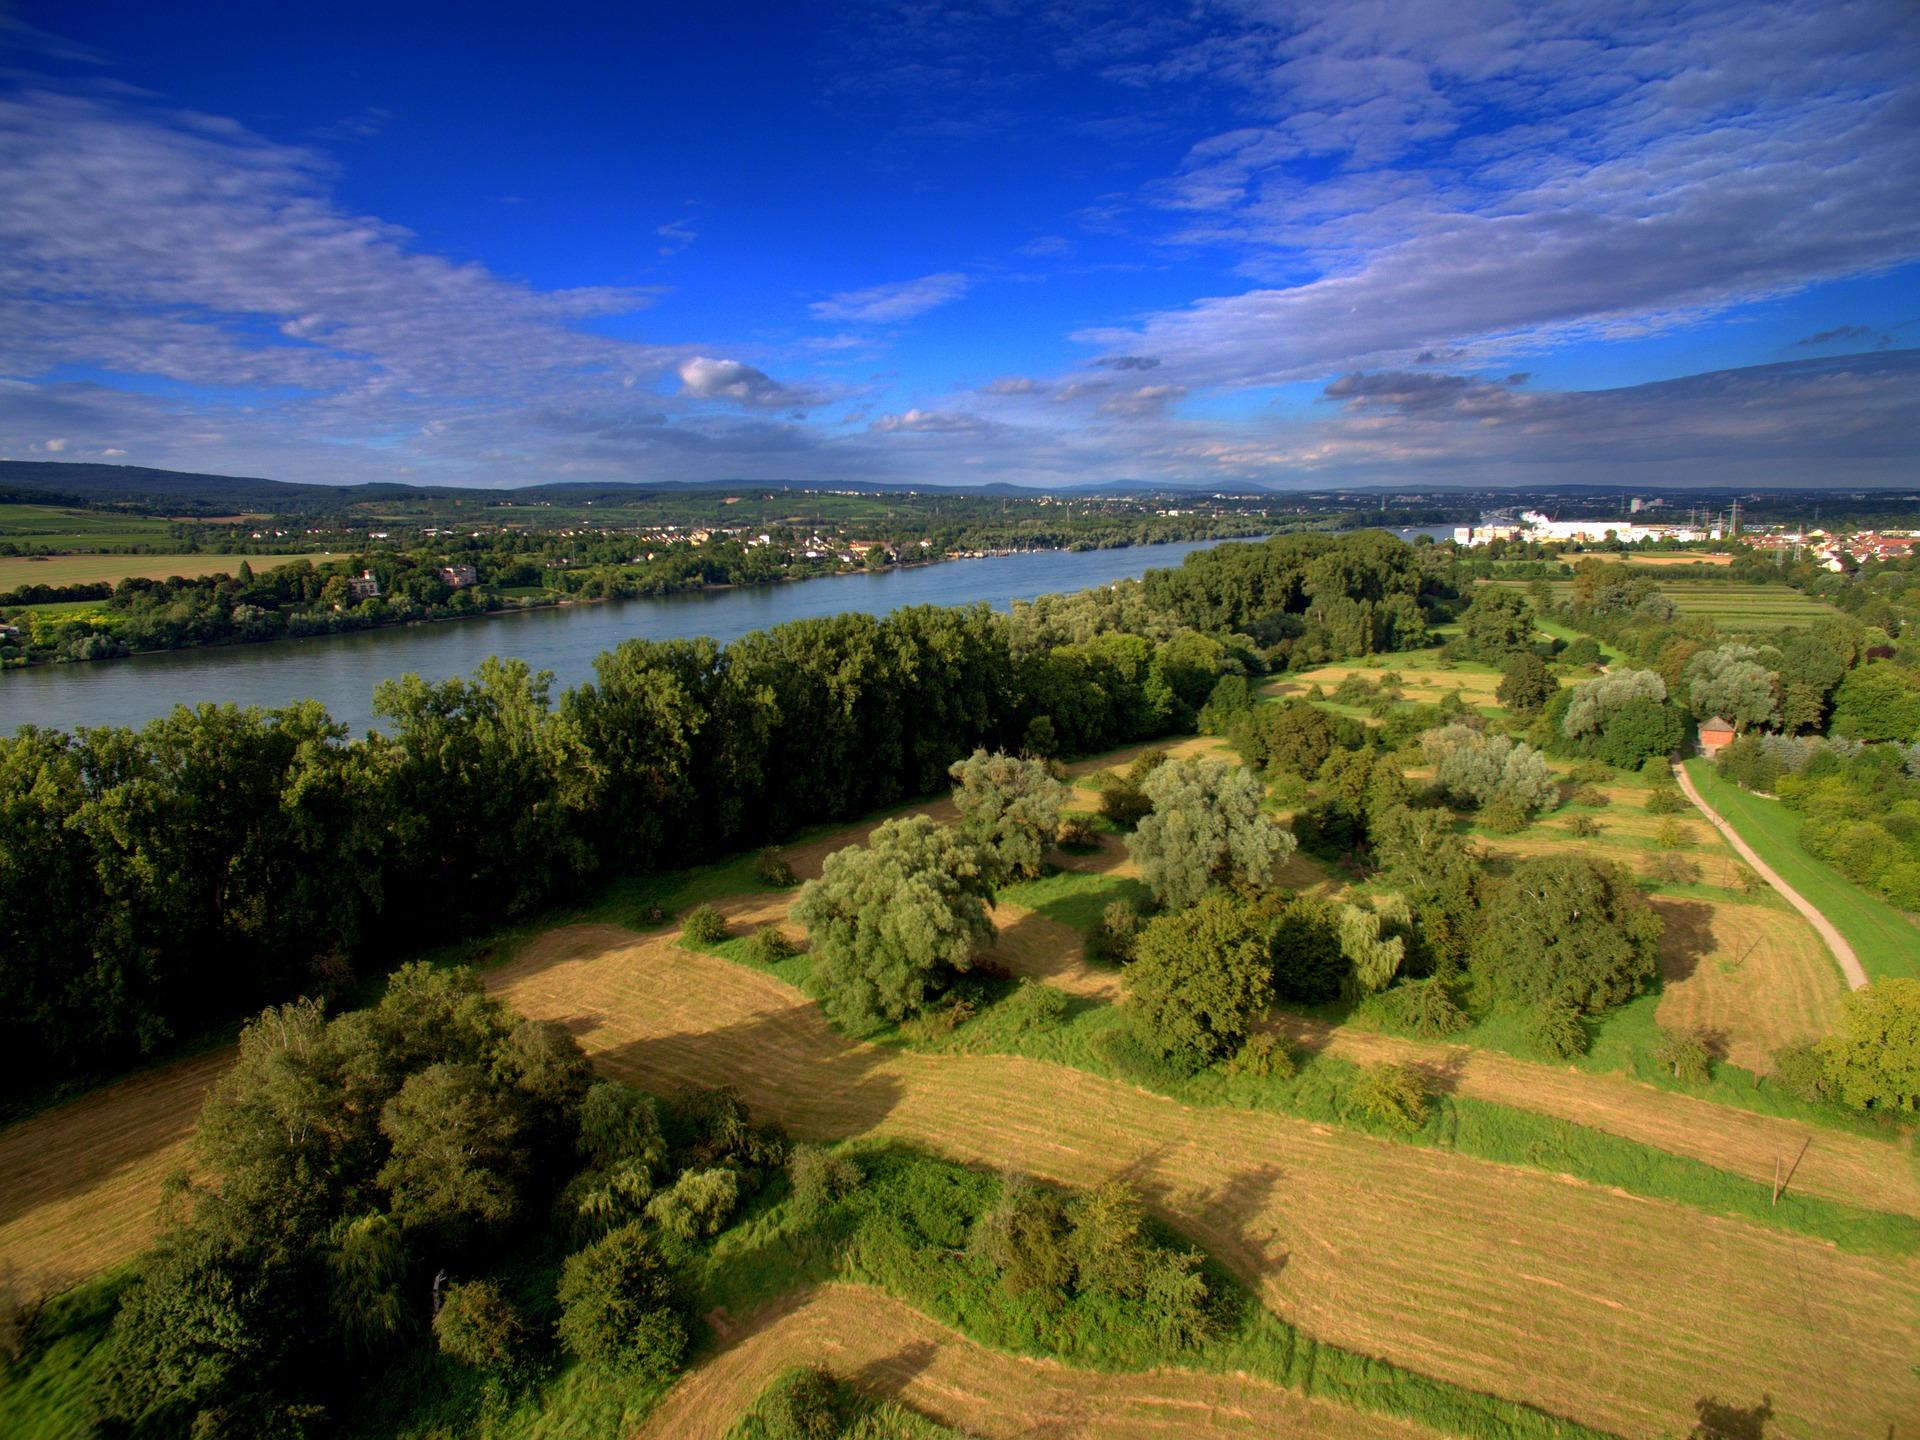 aerial-view-1612924_1920.jpg